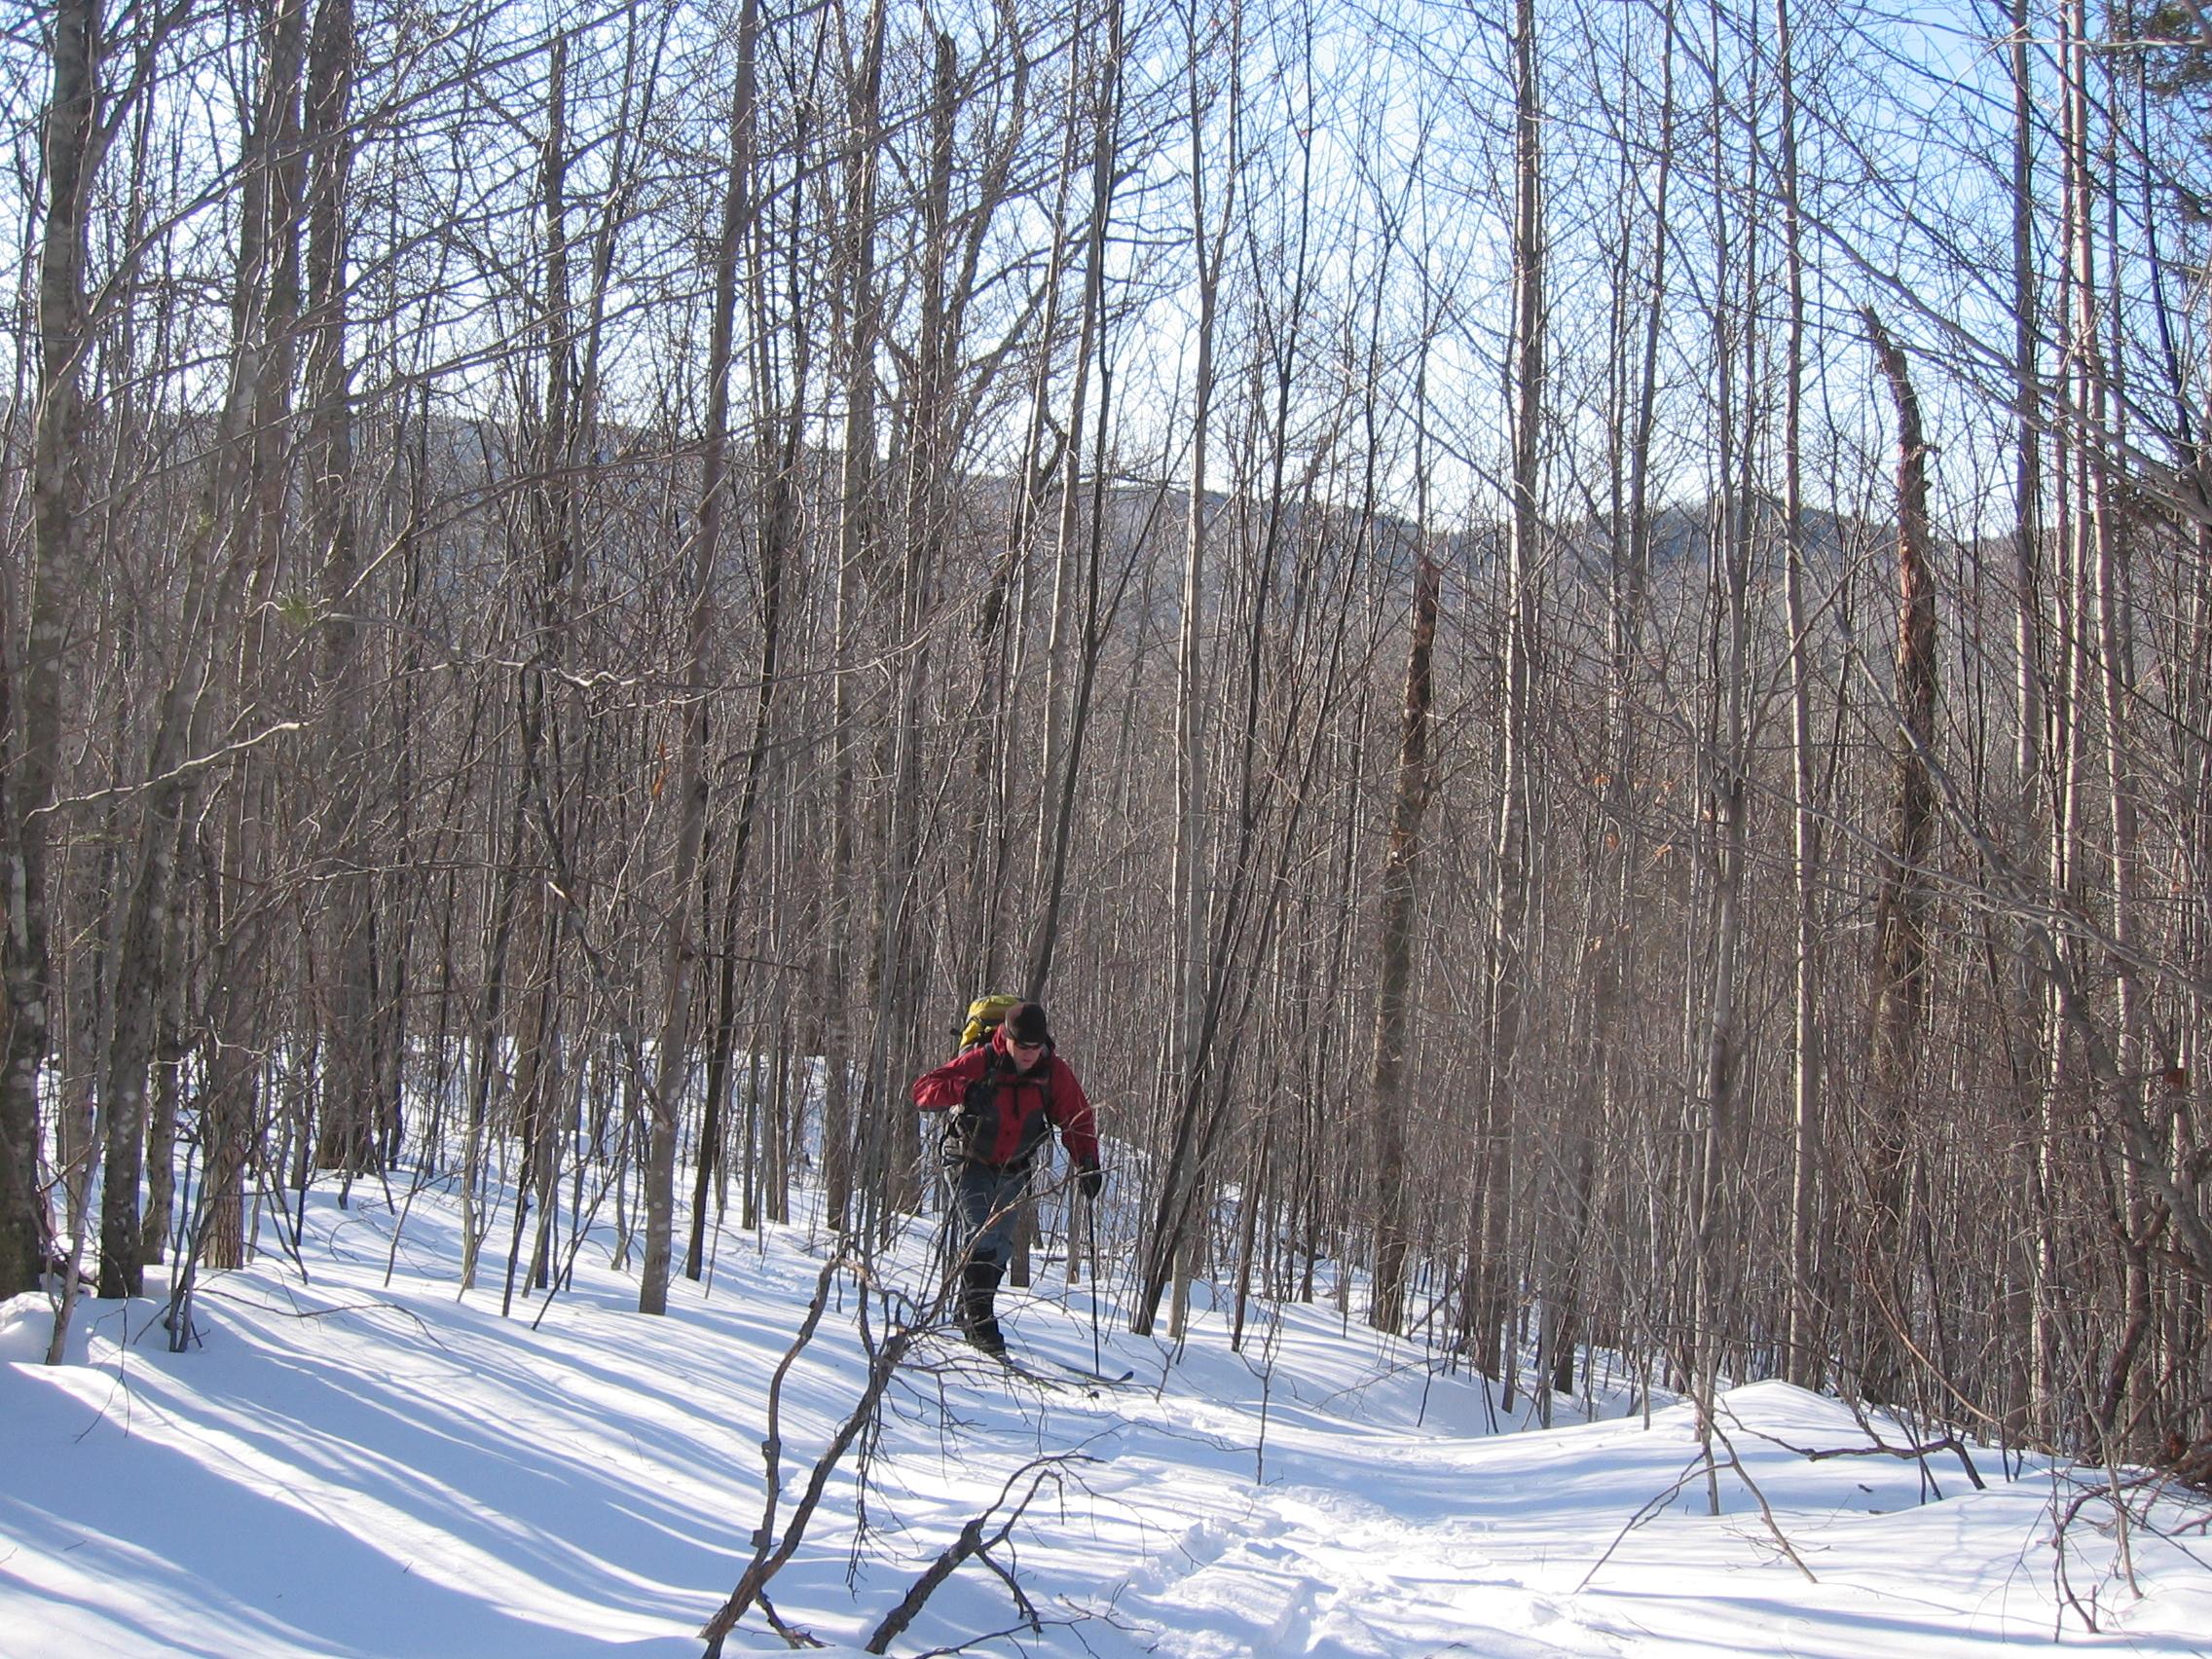 Skier in woods